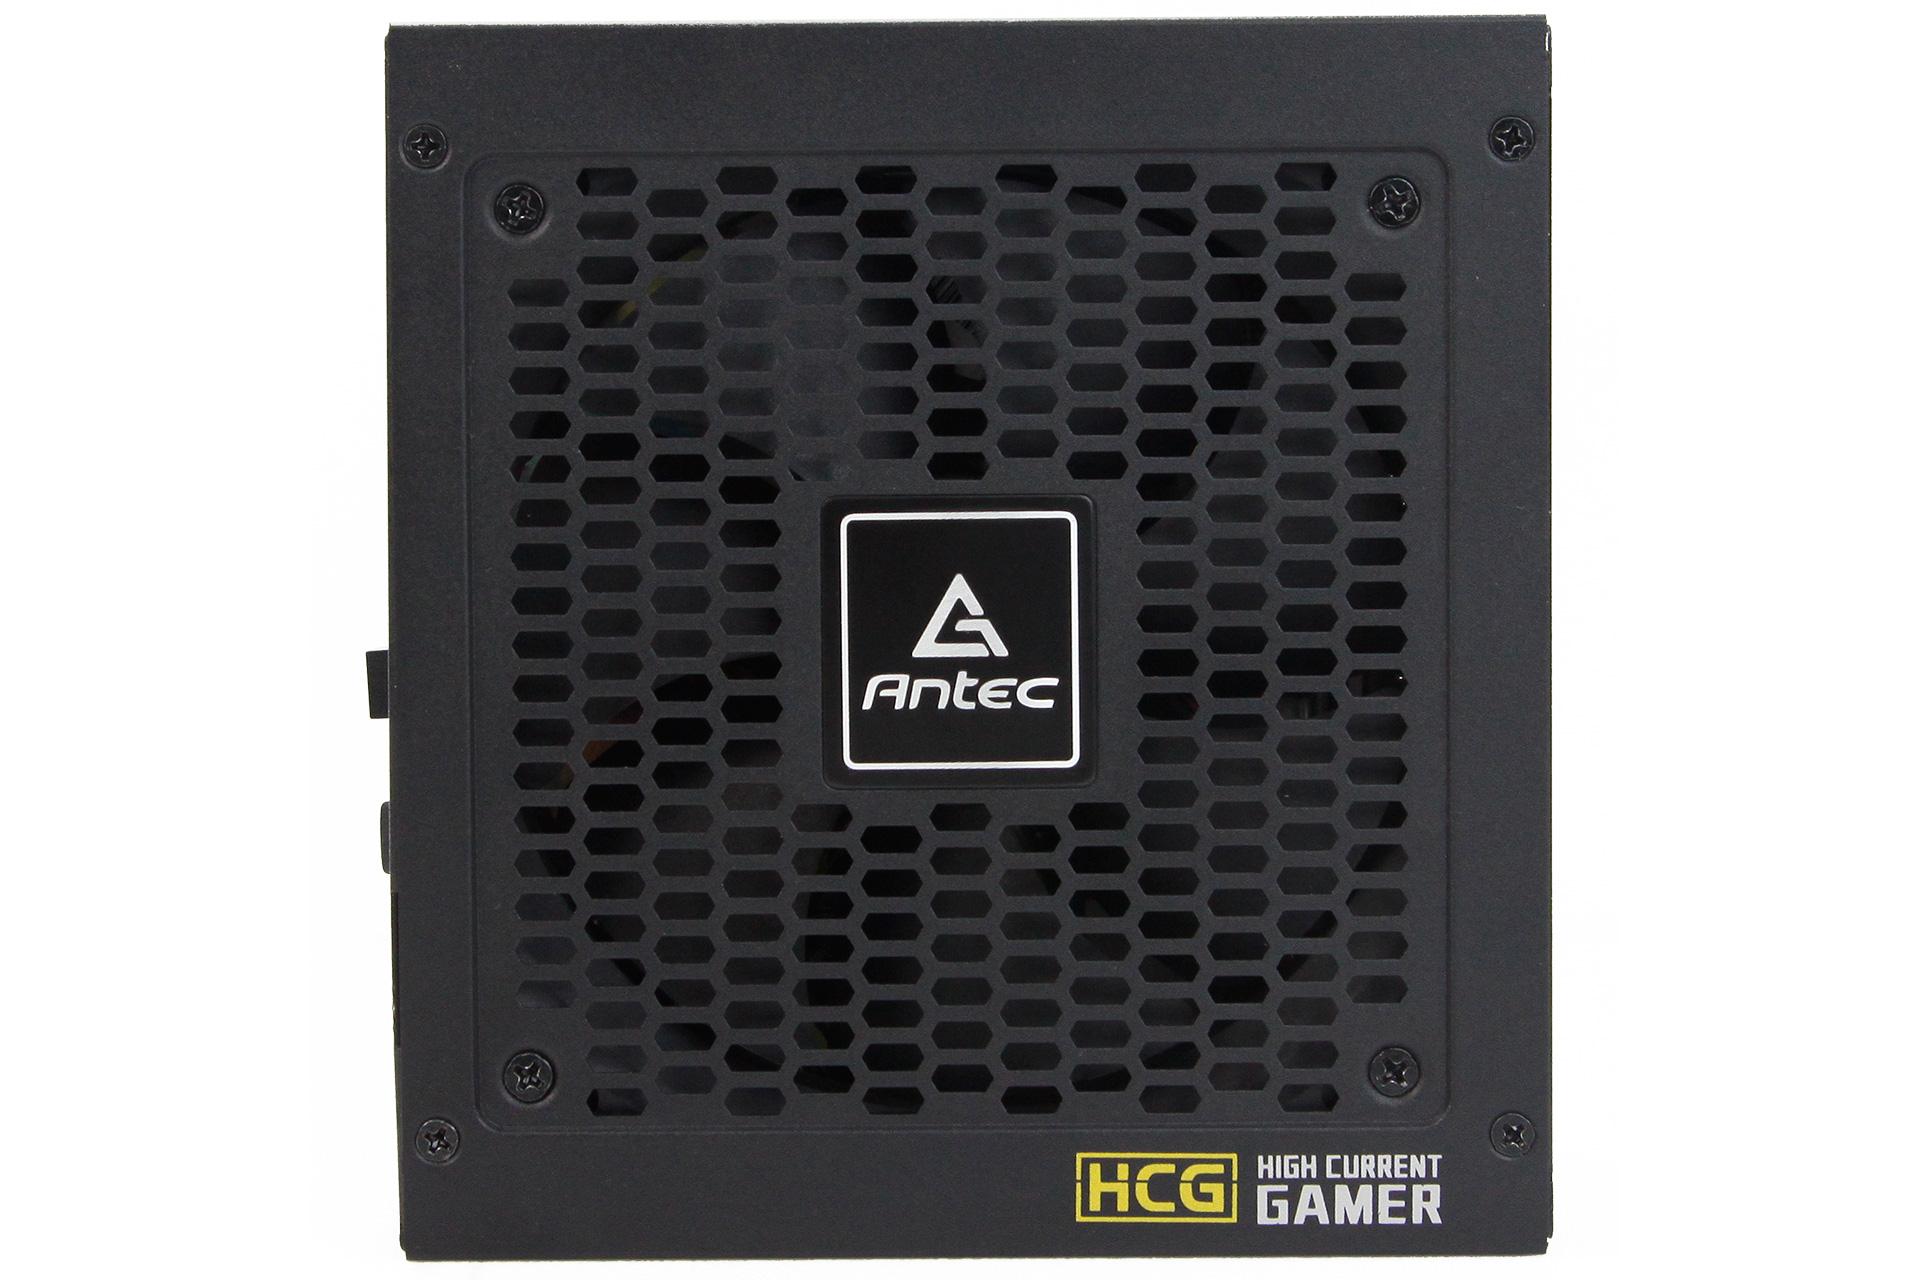 Antec HCG Gold 850W Review | bit-tech net